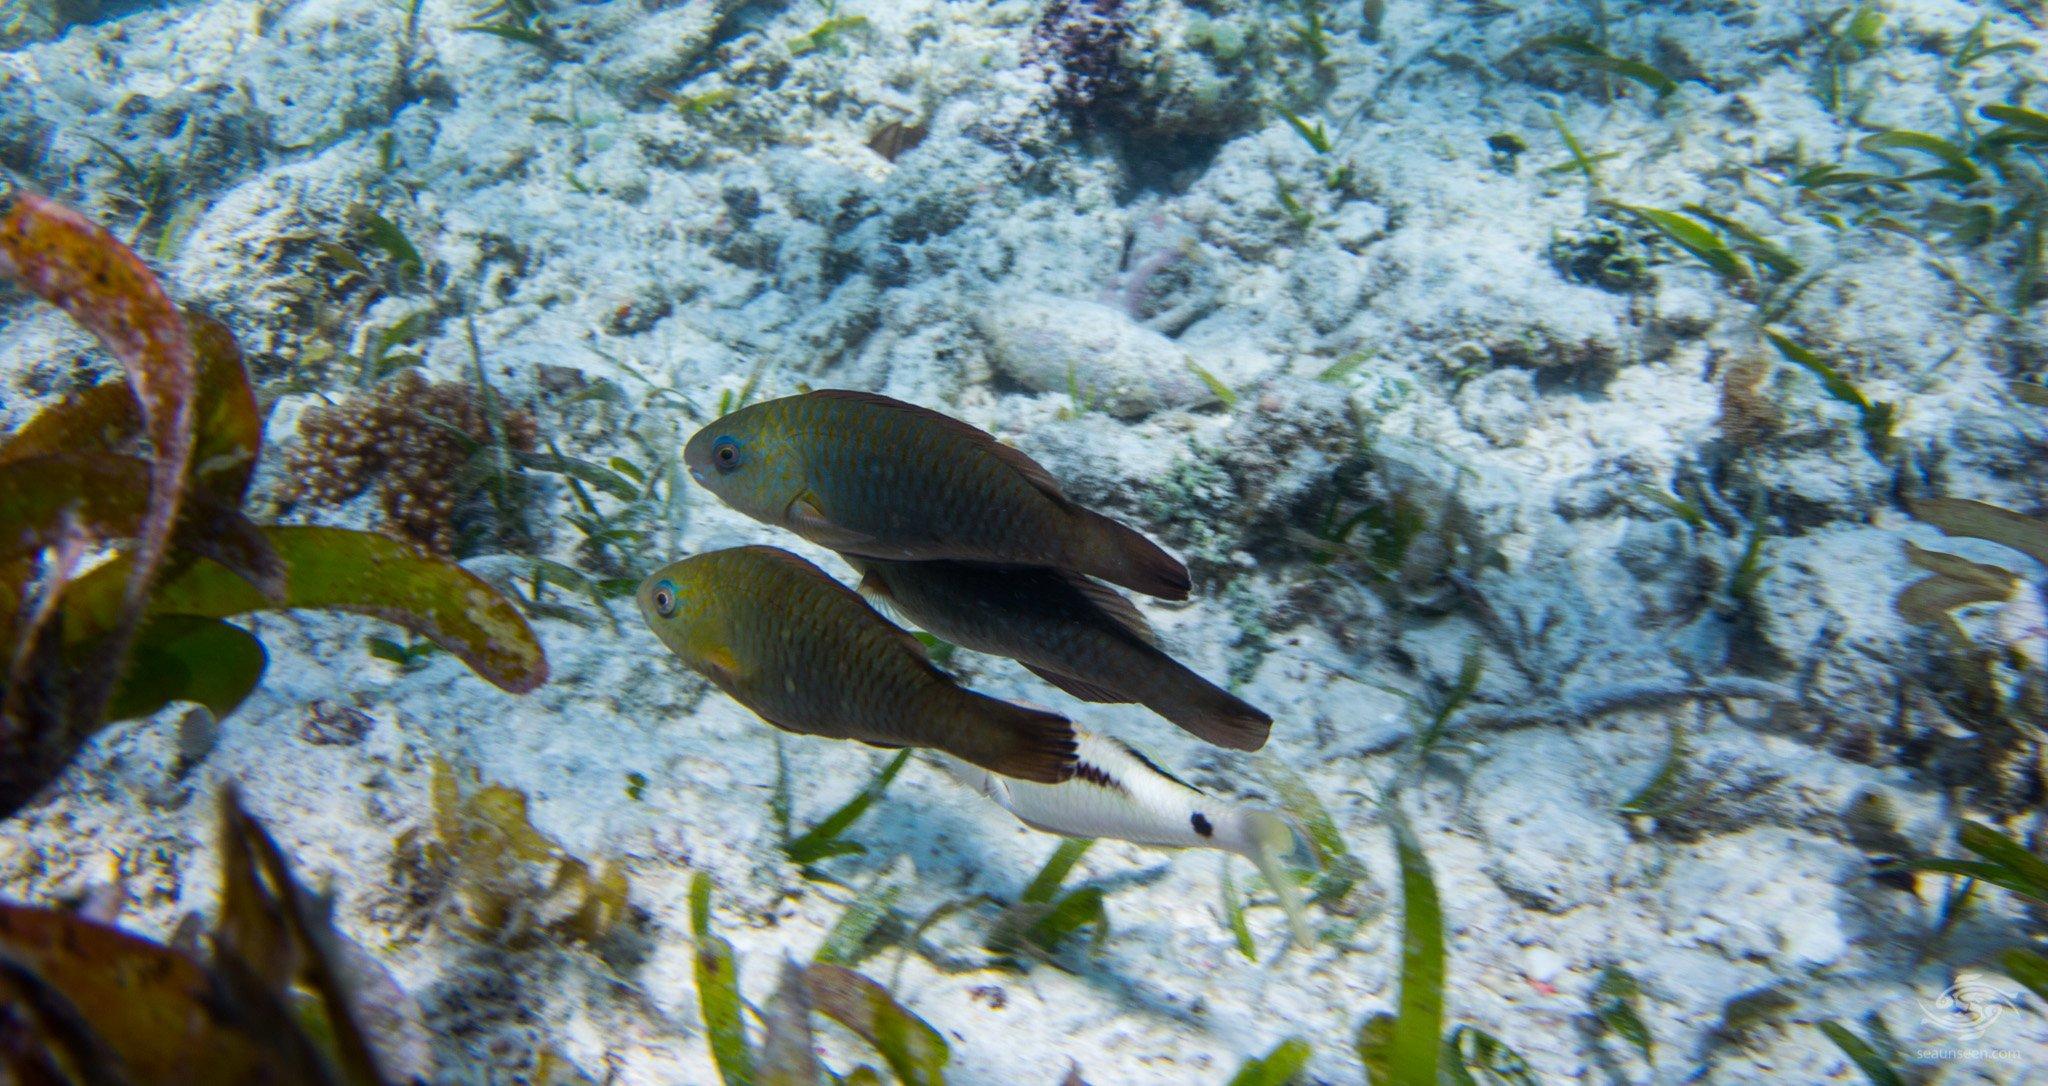 Juvenile Parrot Fish